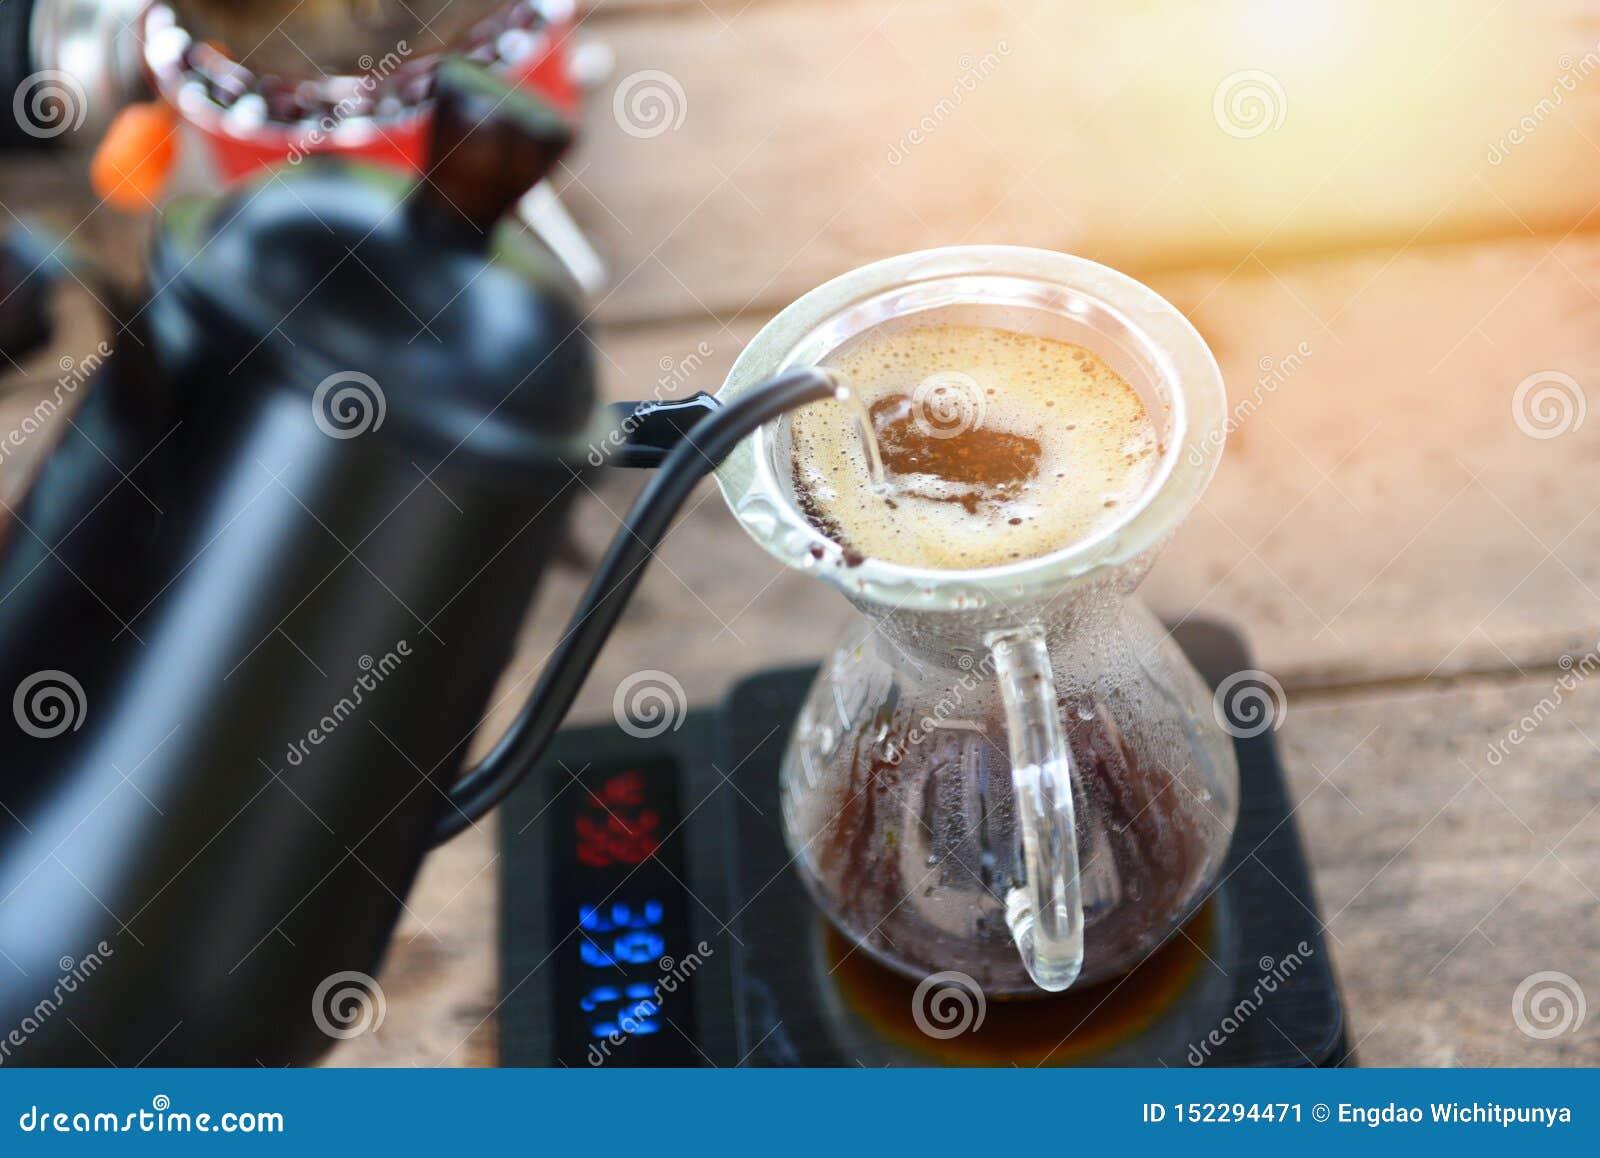 Acqua di versamento di barista del caffè americano sul fare filtrato - per produrre il caffè americano della mano della tazza in